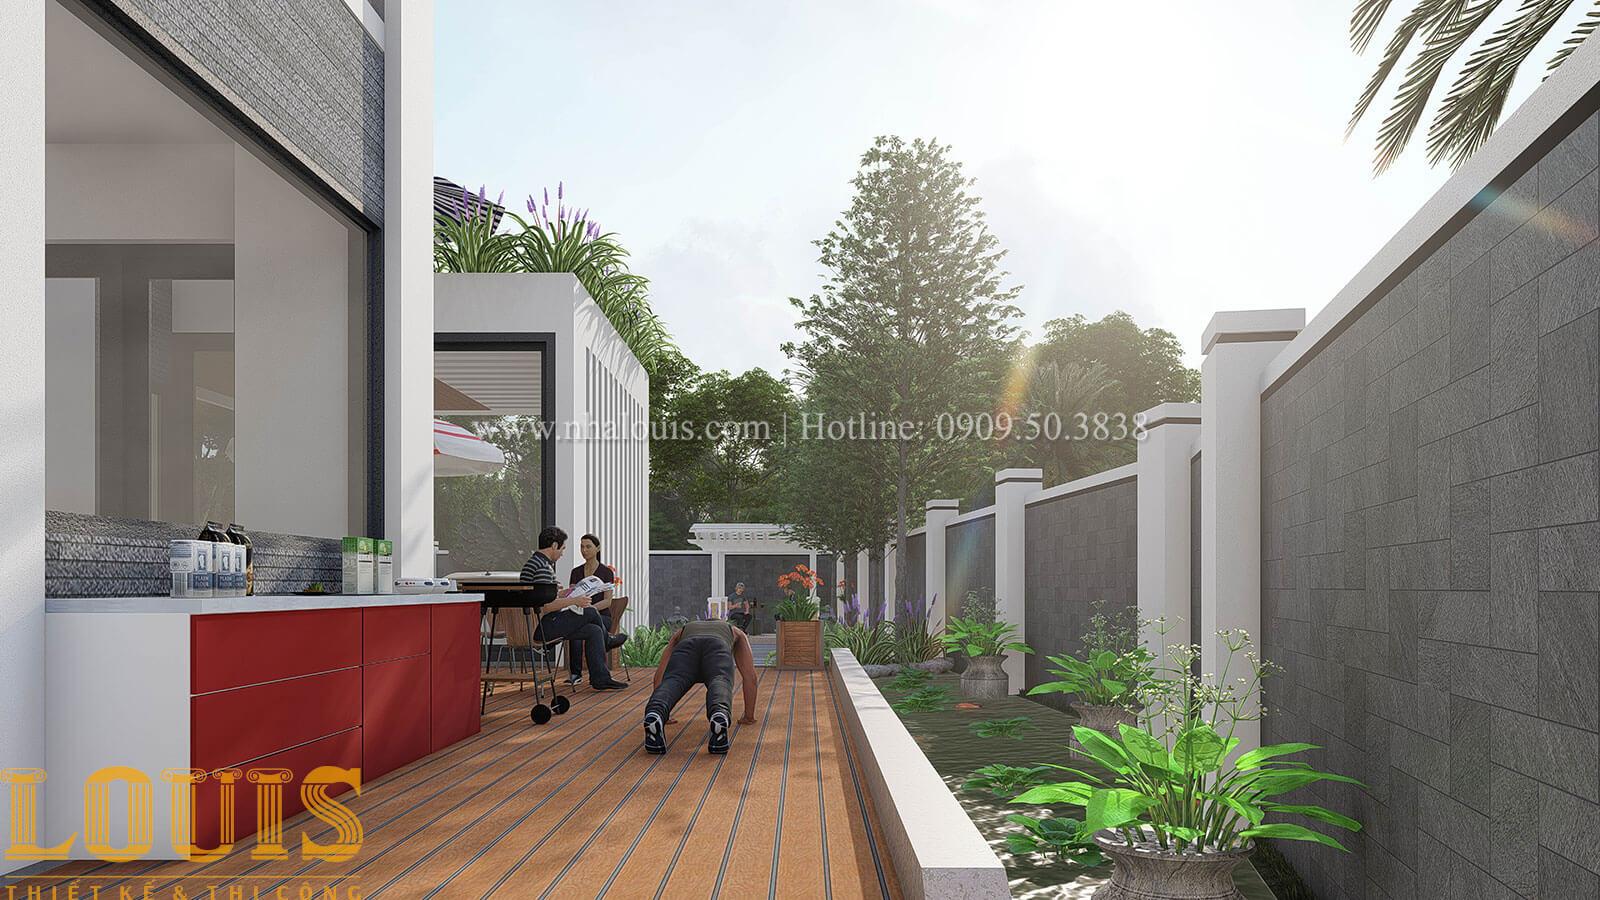 Mẫu biệt thự 2 tầng mái thái với sân vườn đẳng cấp tại Phú Quốc